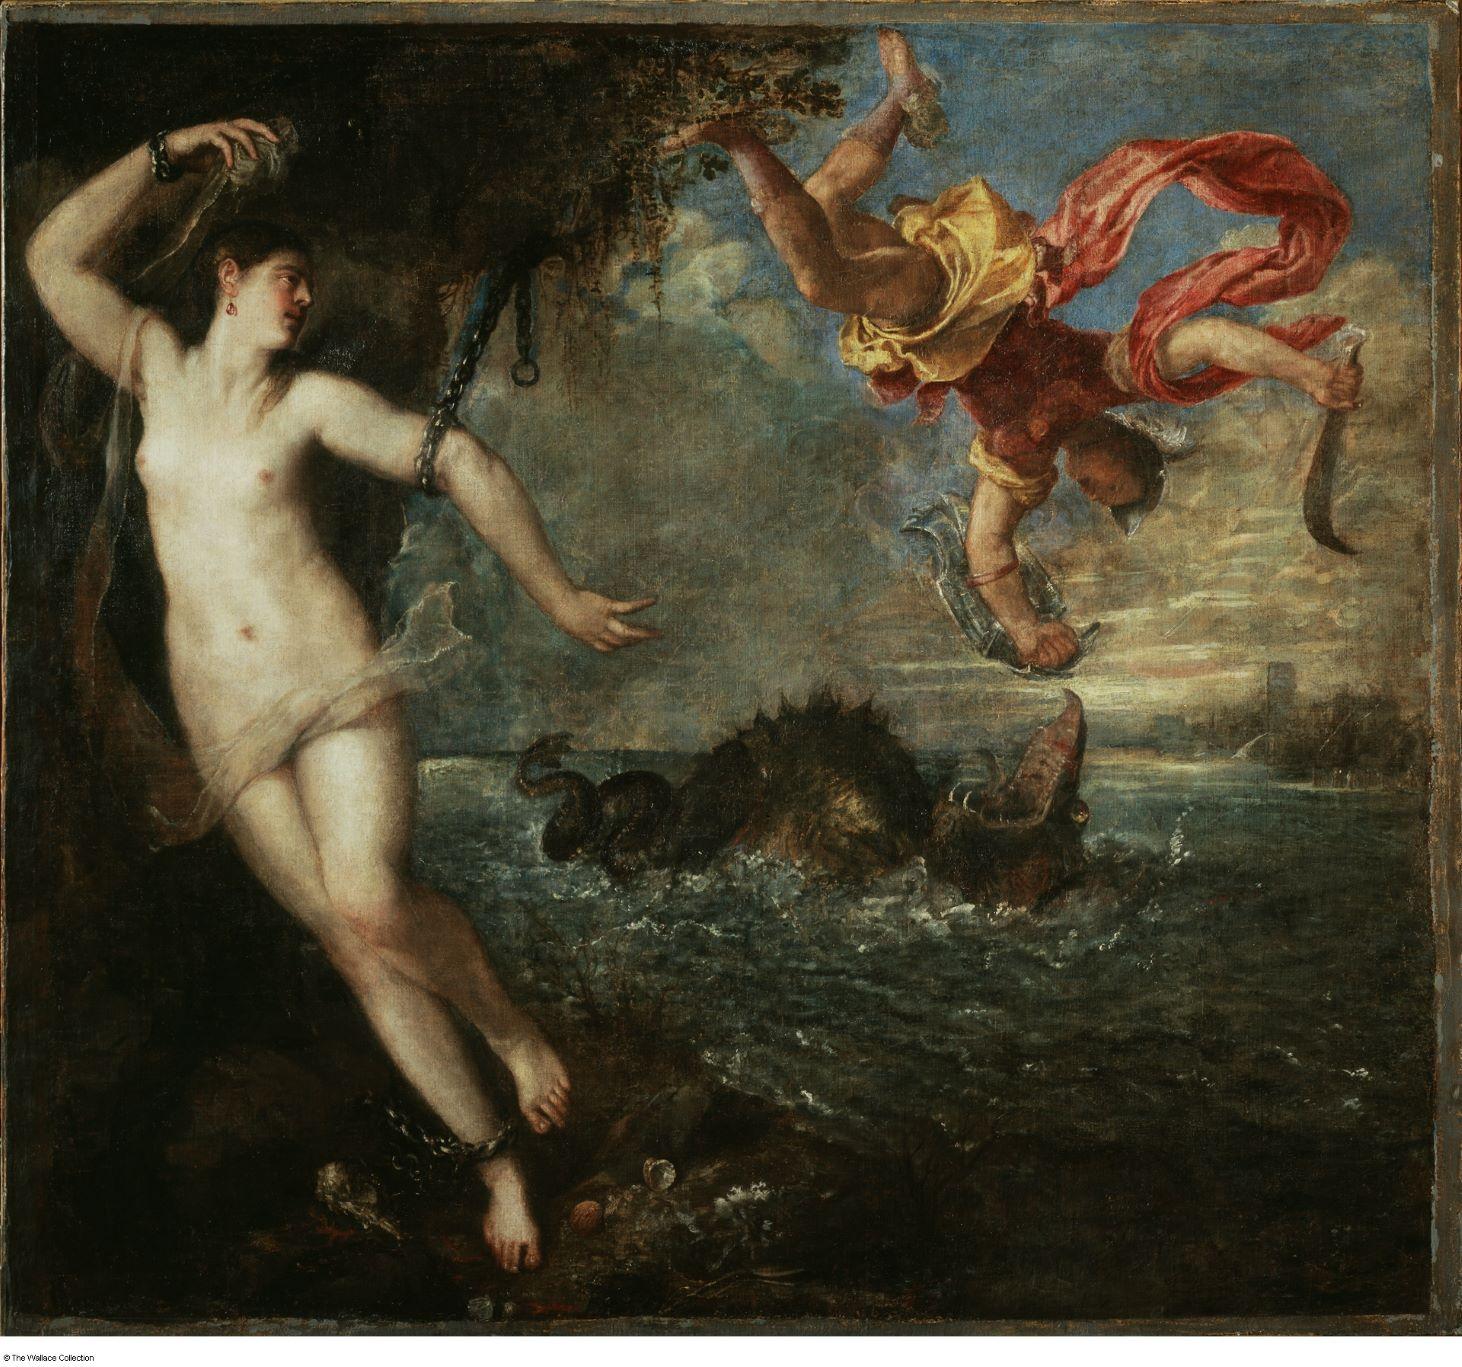 Dopo 500 anni le Poesie di Tiziano sono finalmente riunite nella mostra di Boston